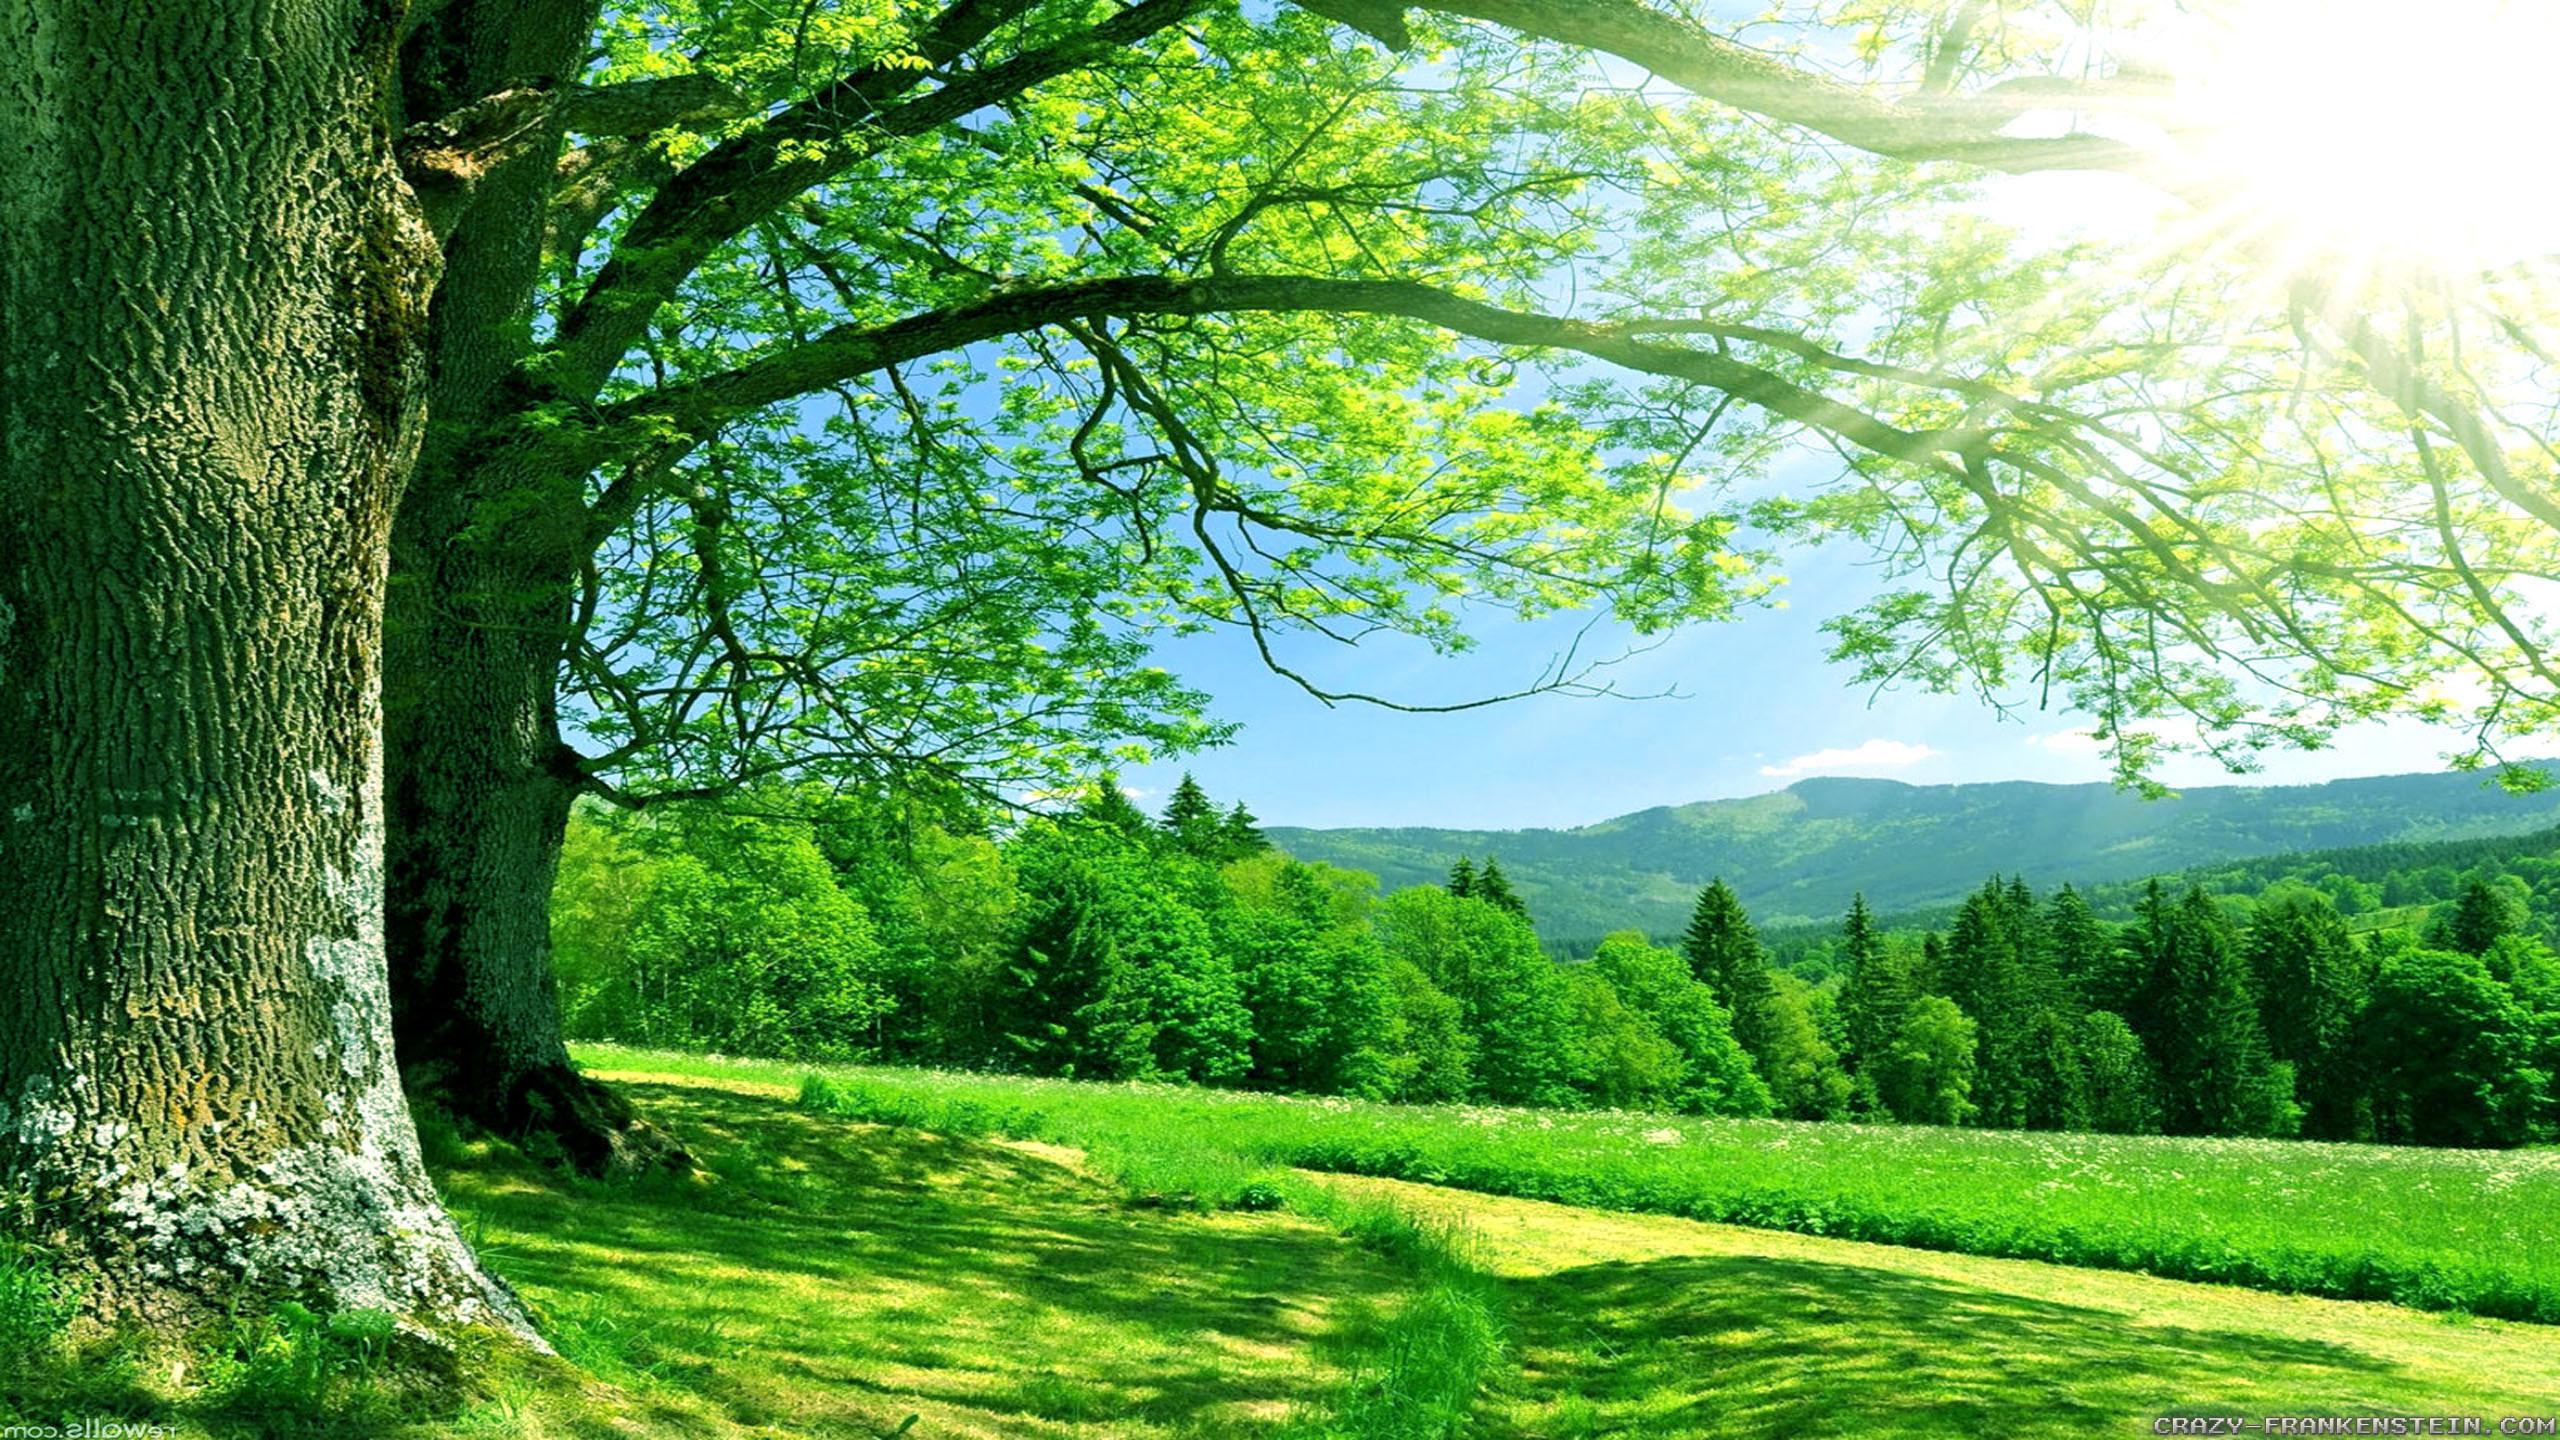 Nature desktop background 74 images - Background pictures of nature for desktop ...